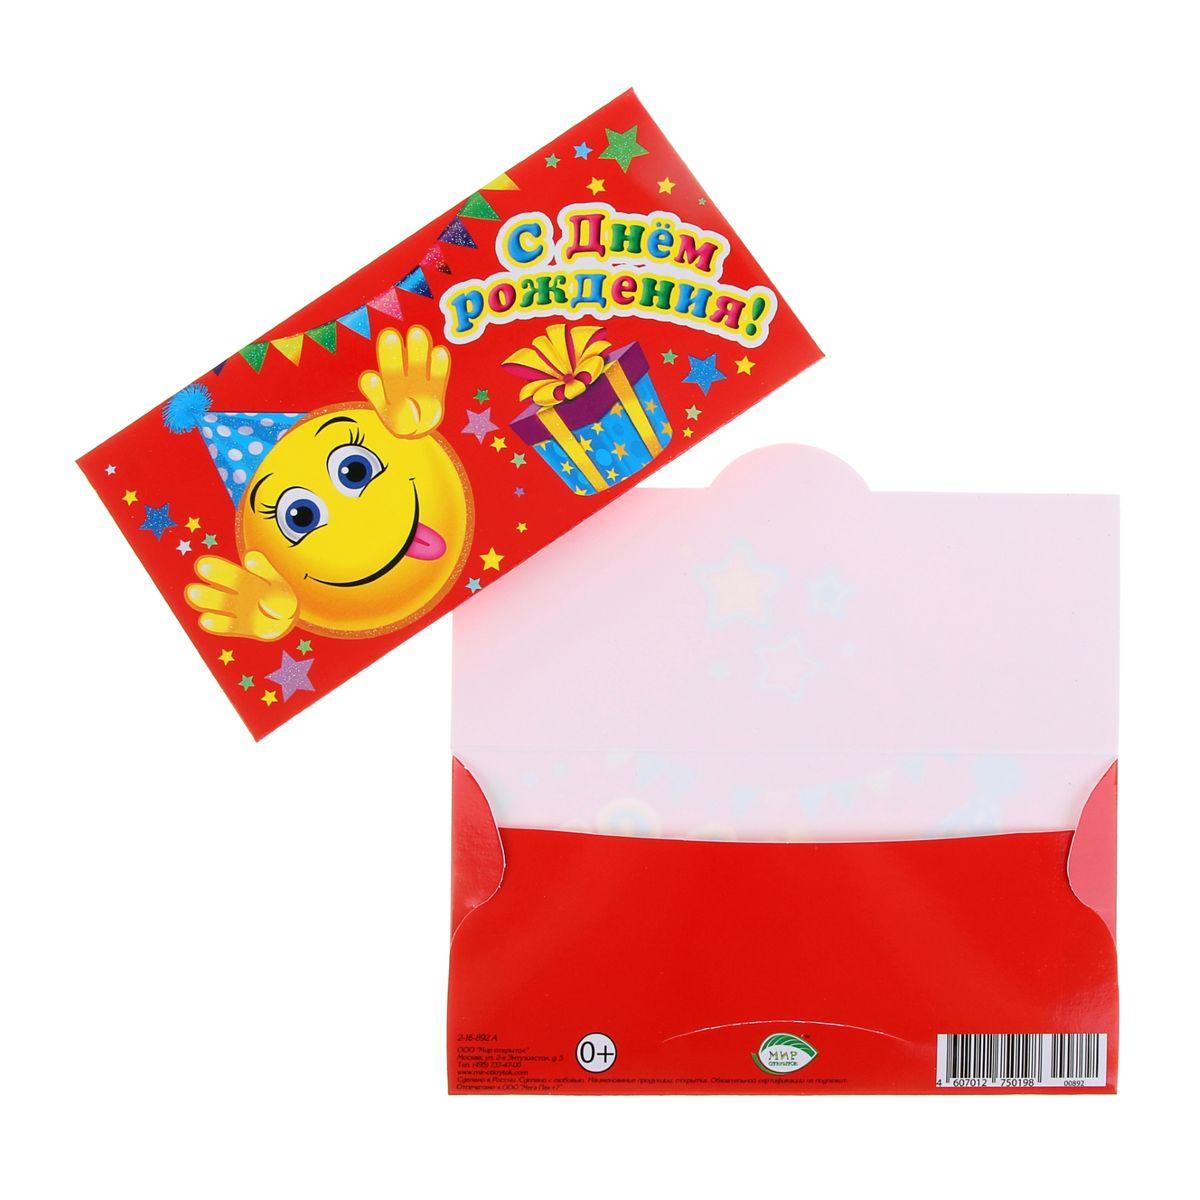 Конверт для денег С днем рождения!. 10223051022305Конверт для денег С днем рождения! выполнен из плотной бумаги и украшен яркой картинкой, которая вызовет улыбку. Это необычная красивая одежка для денежного подарка, а так же отличная возможность сделать его более праздничным и создать прекрасное настроение!